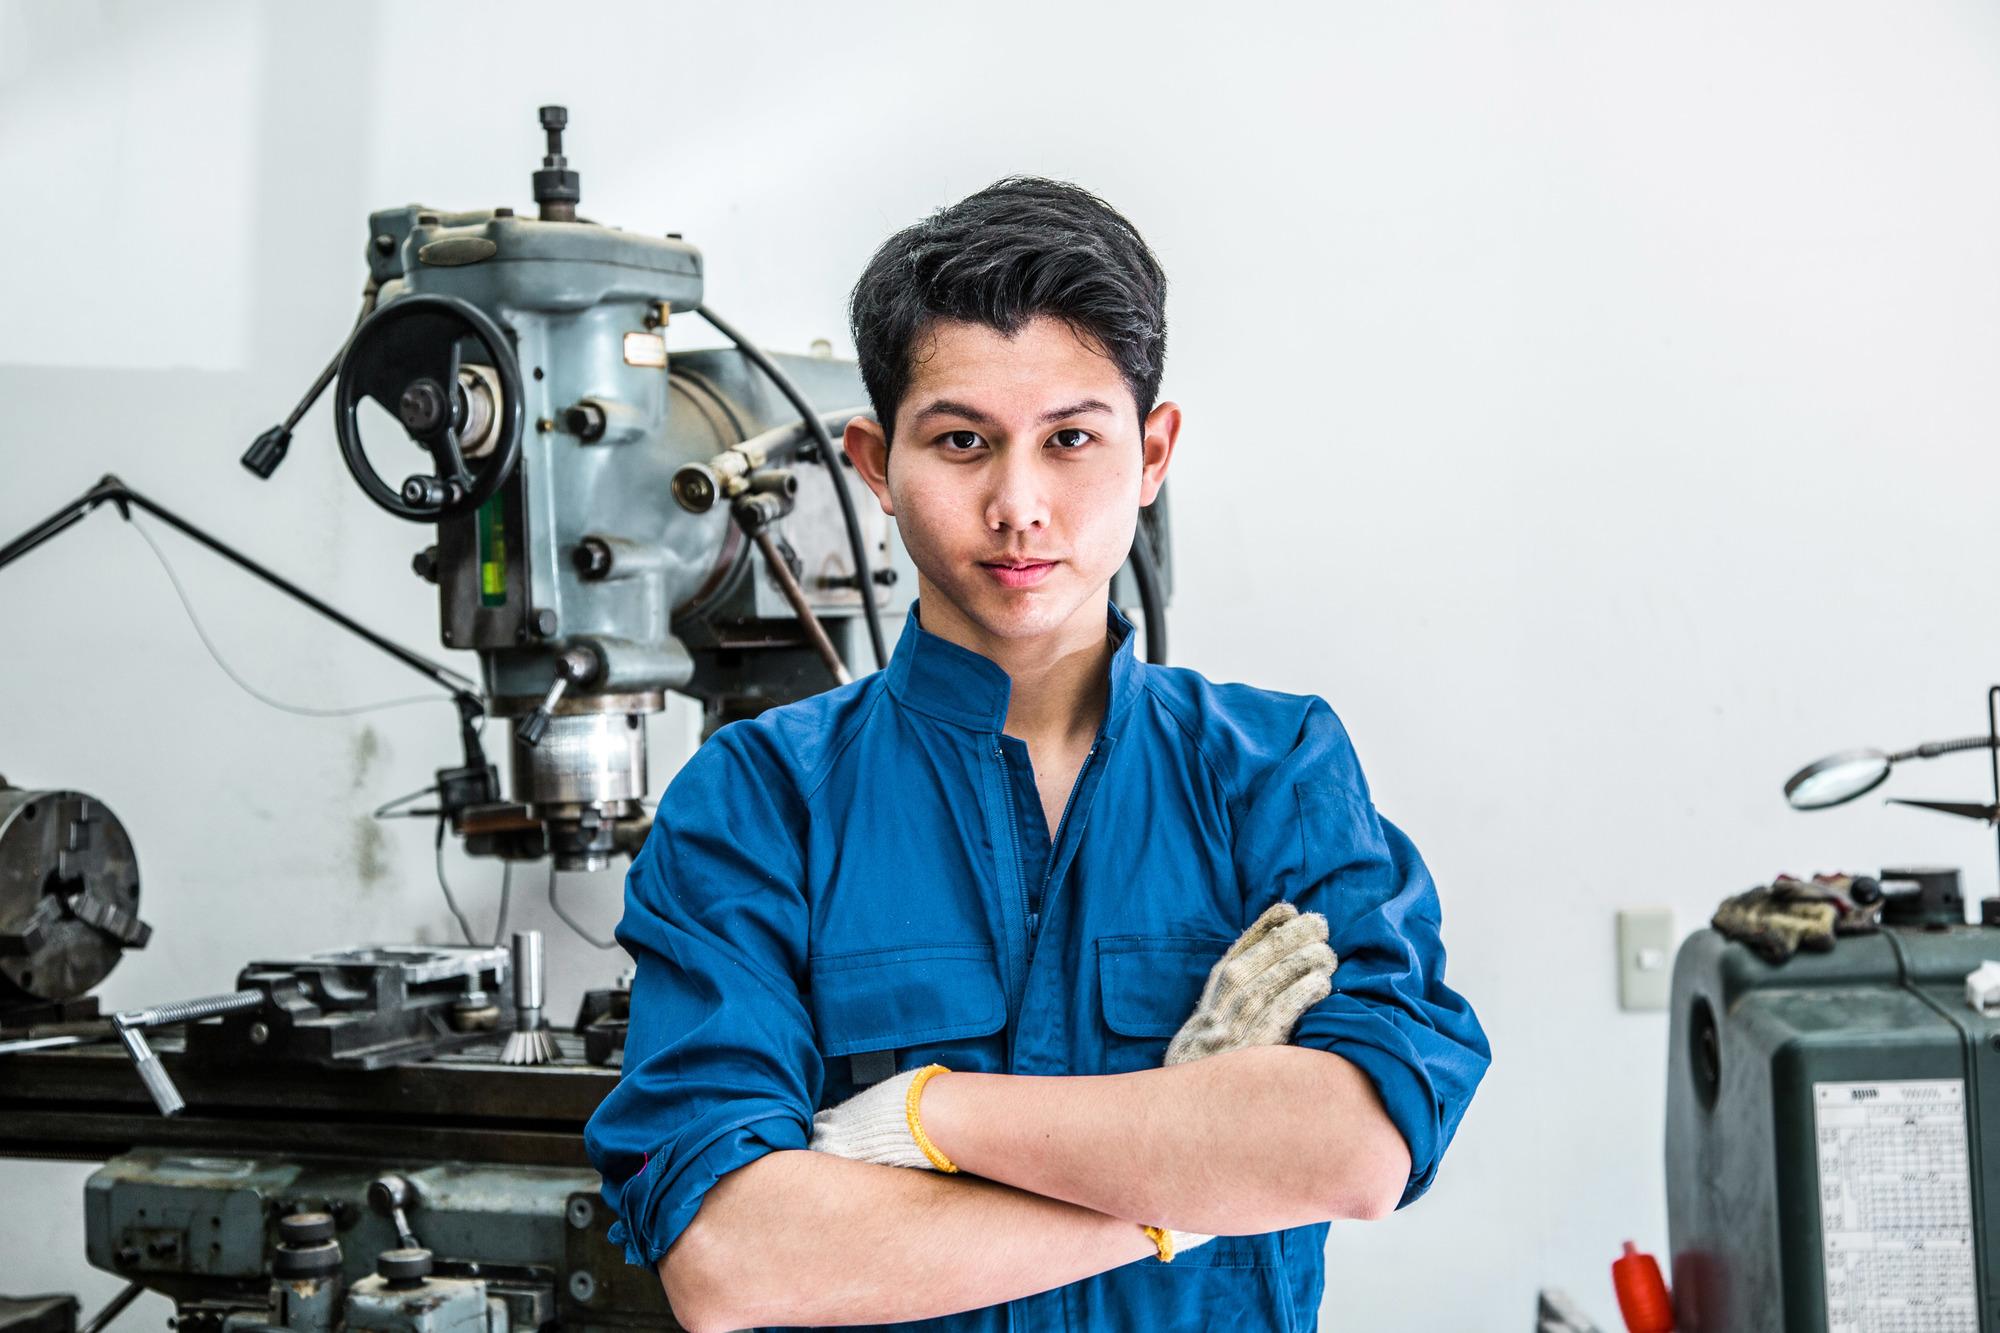 腕組みする製造業男性